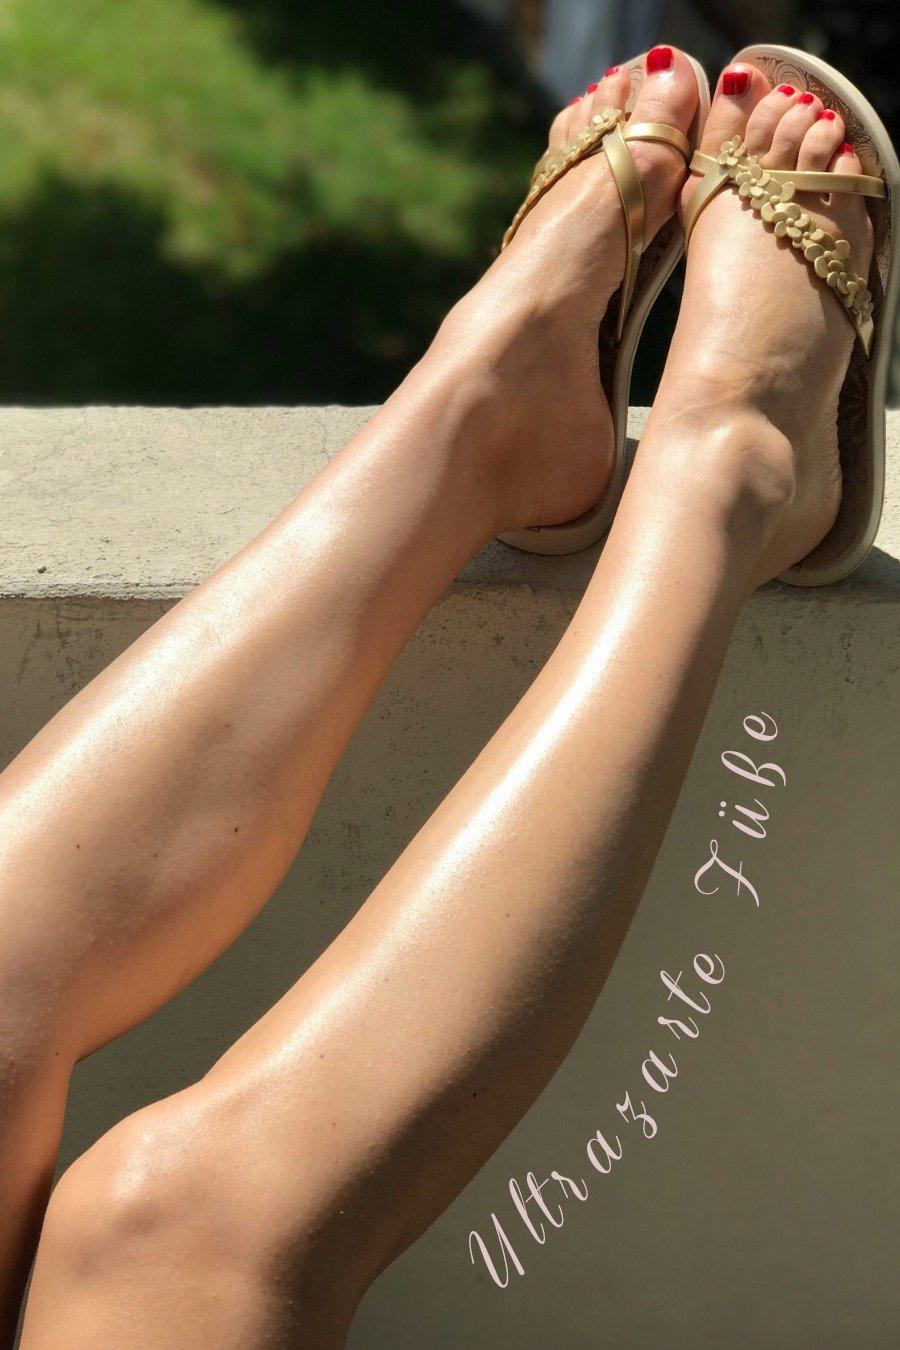 Fußpflege Produkte gegen Hornhaut, Pediküre Tipps für Zuhause, roter Nagellack Füße, Rieker Sandalen Damen, Gabor Sandalen Damen, Bodylotions mit Schimmer Test, Sonnencreme mit Schimmereffekt, Super Twins Annalena und Magdalena